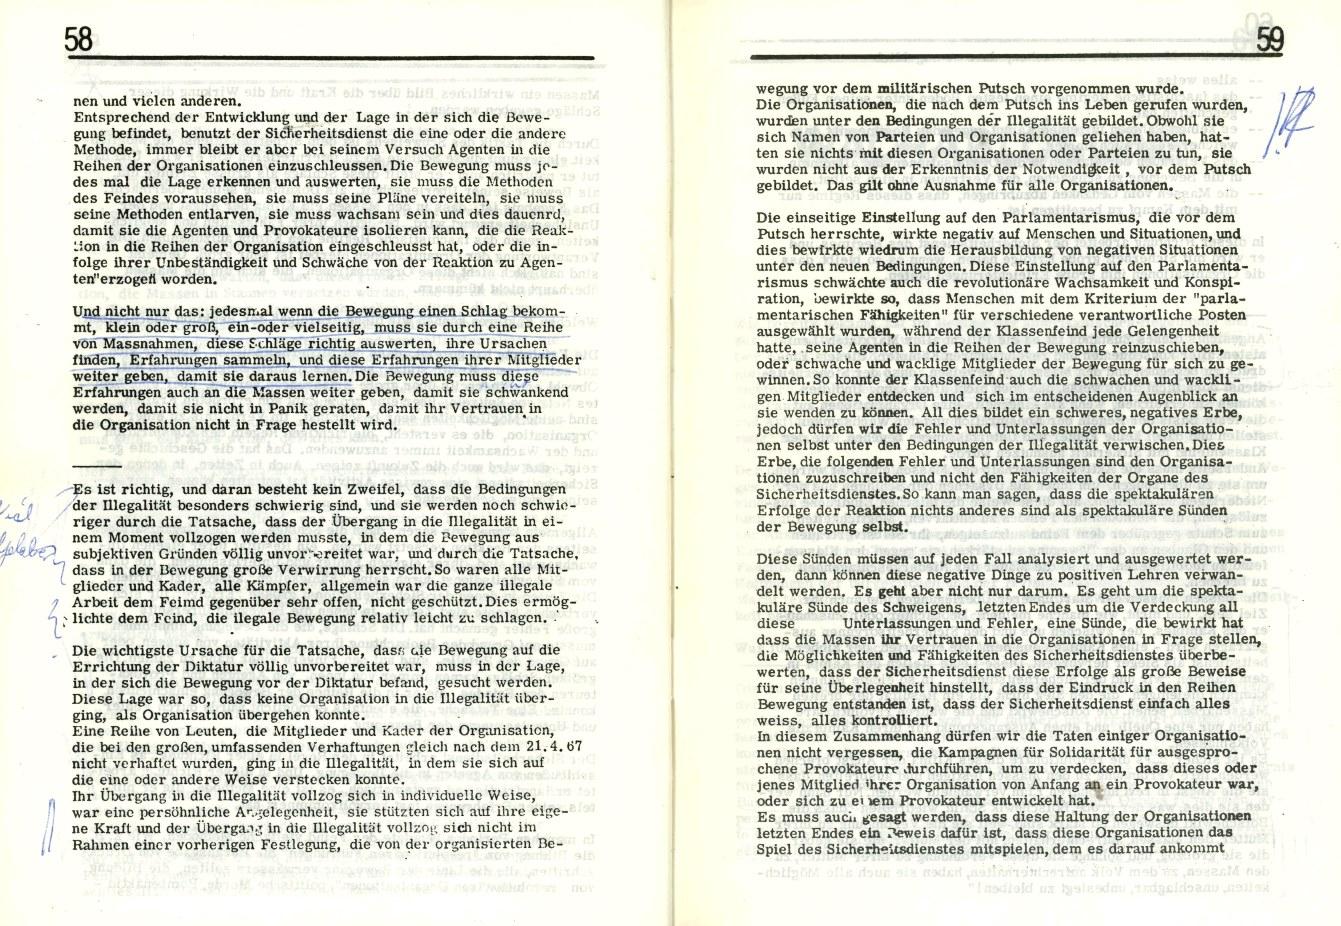 Griechenland_Griechische_ML_1971_Dokumente_01_30